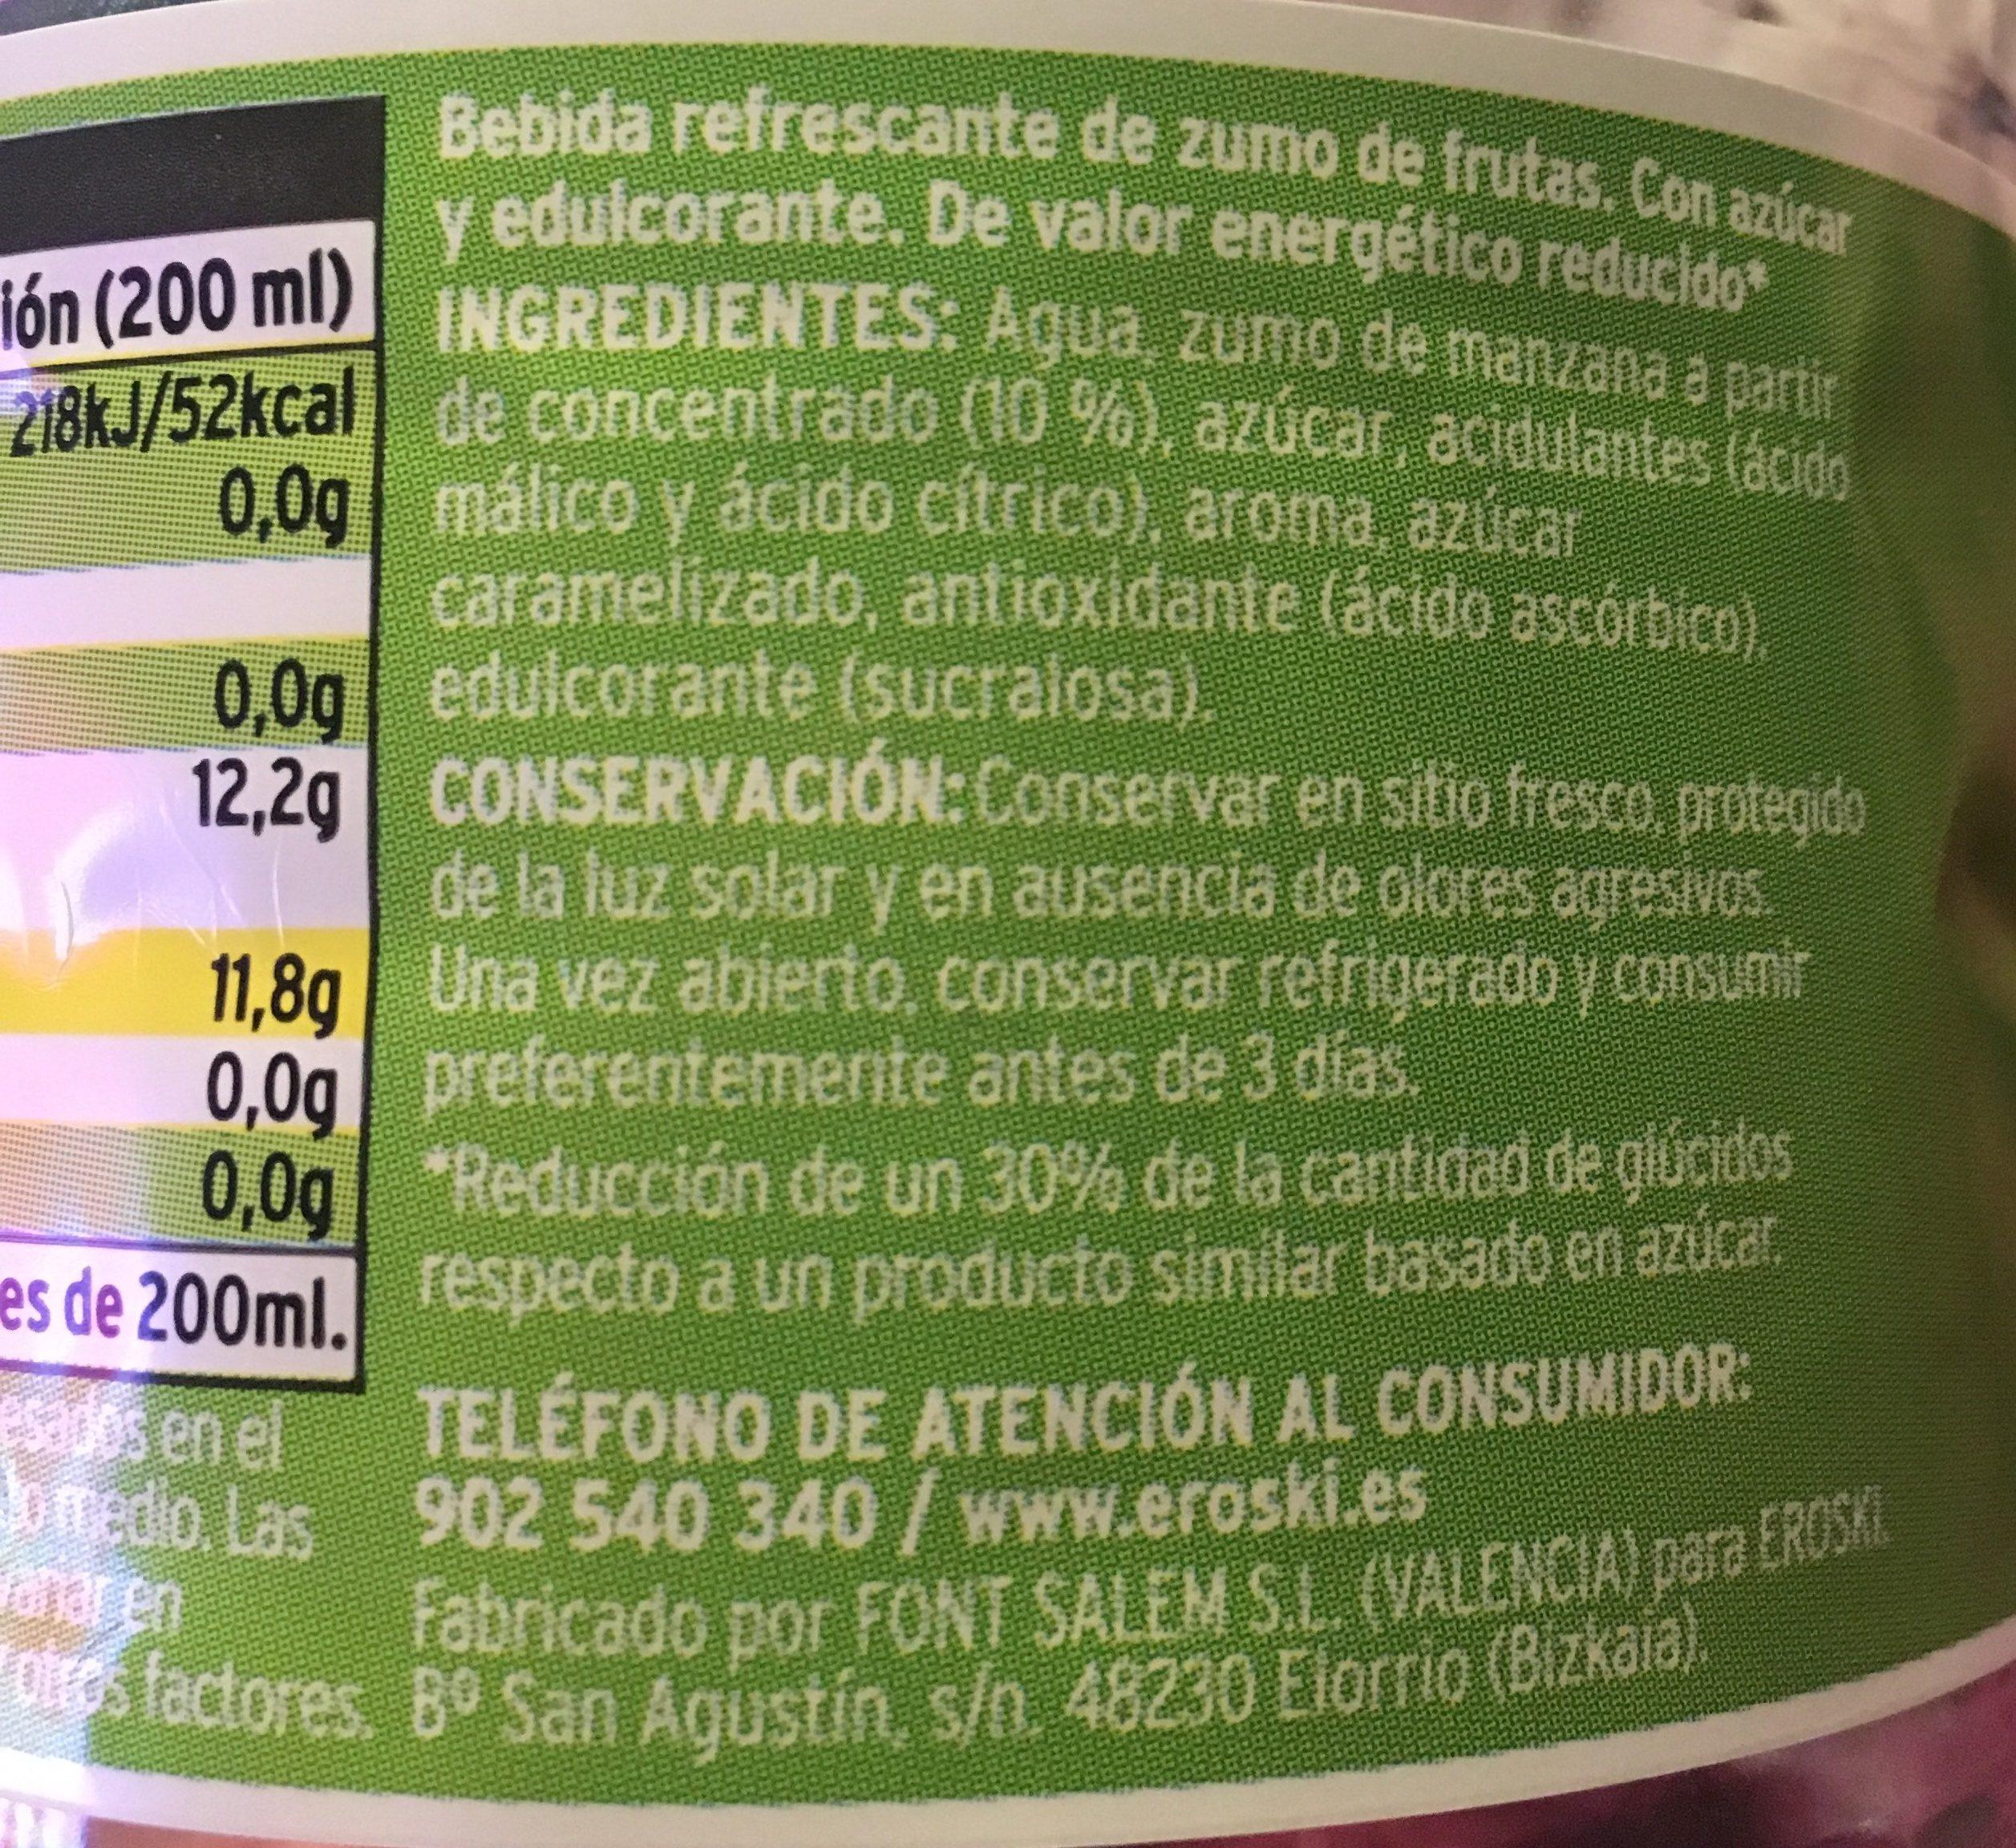 Ju de pomme - Ingredients